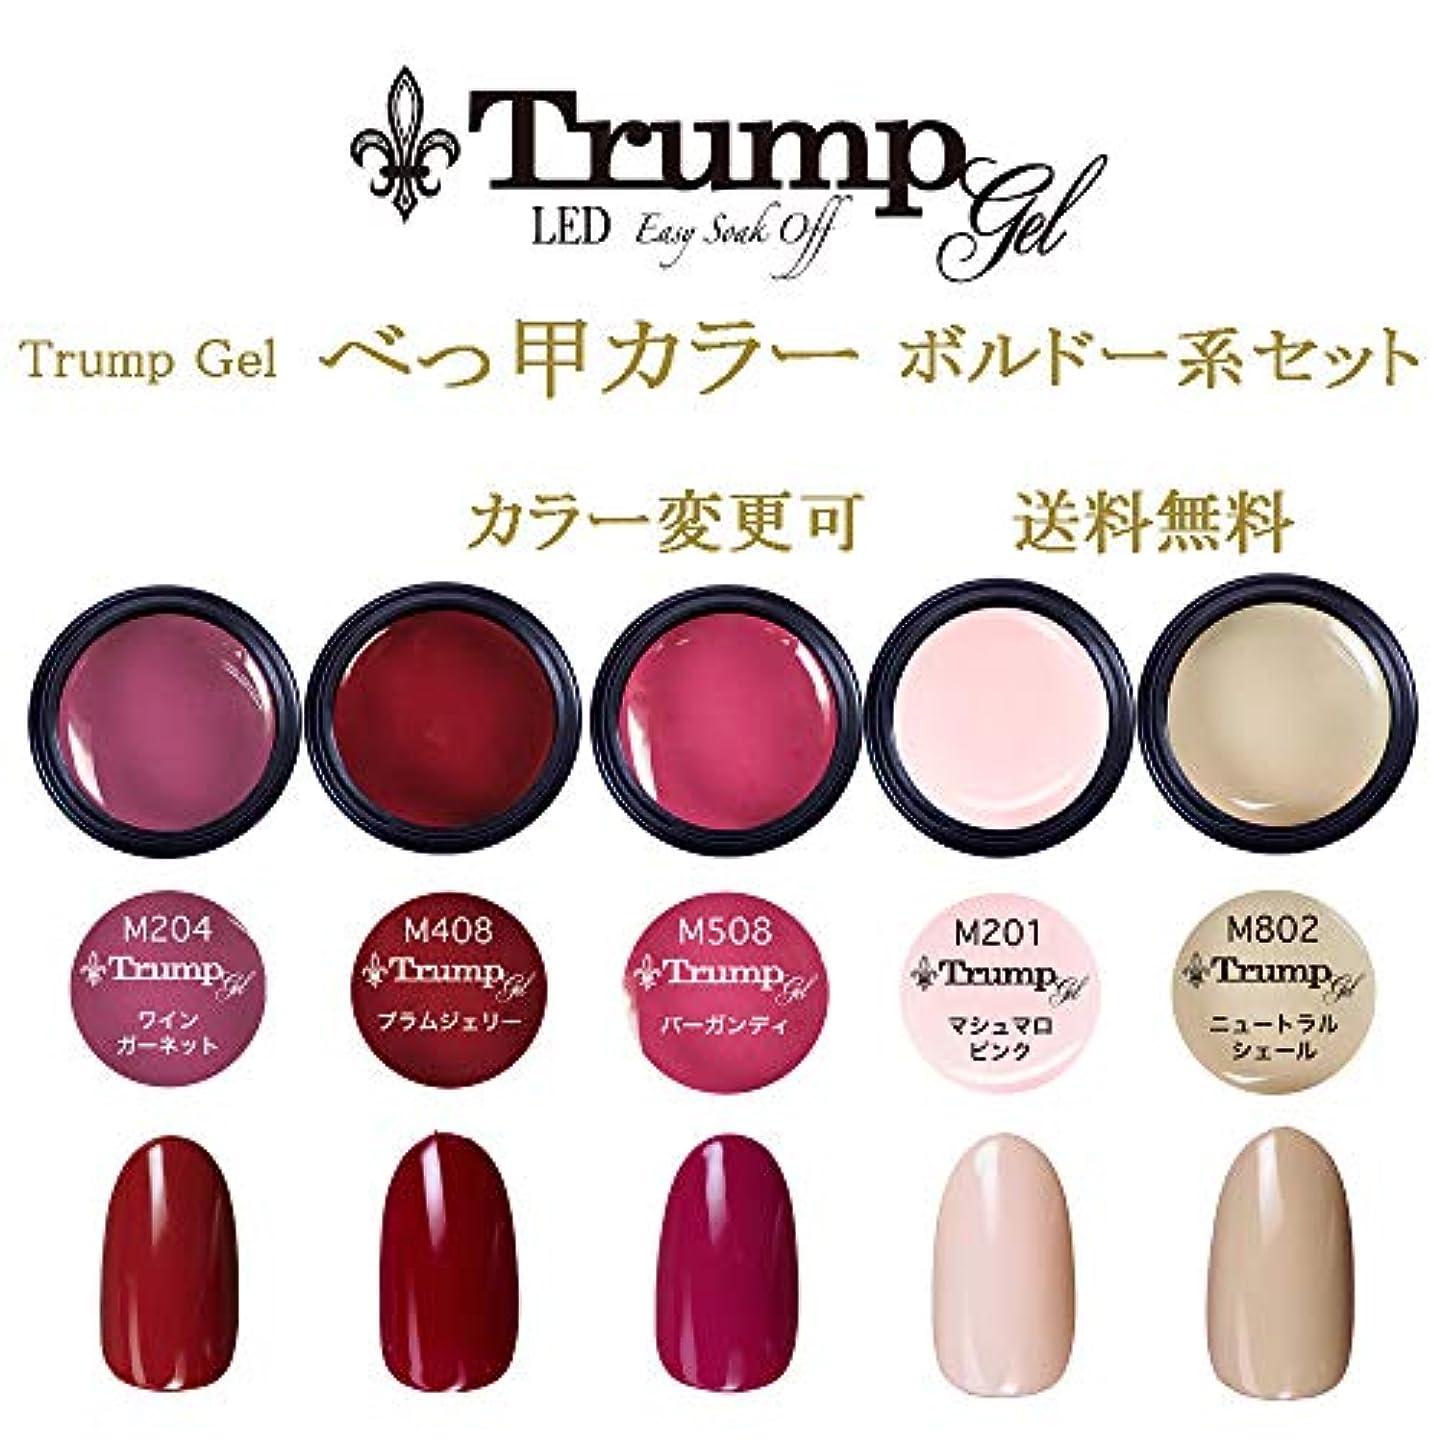 にばかげている類推【送料無料】日本製 Trump gel トランプジェル べっ甲カラー ボルドー系 選べる カラージェル 5個セット べっ甲ネイル ボルドー ブラウン ホワイト ラメ カラー